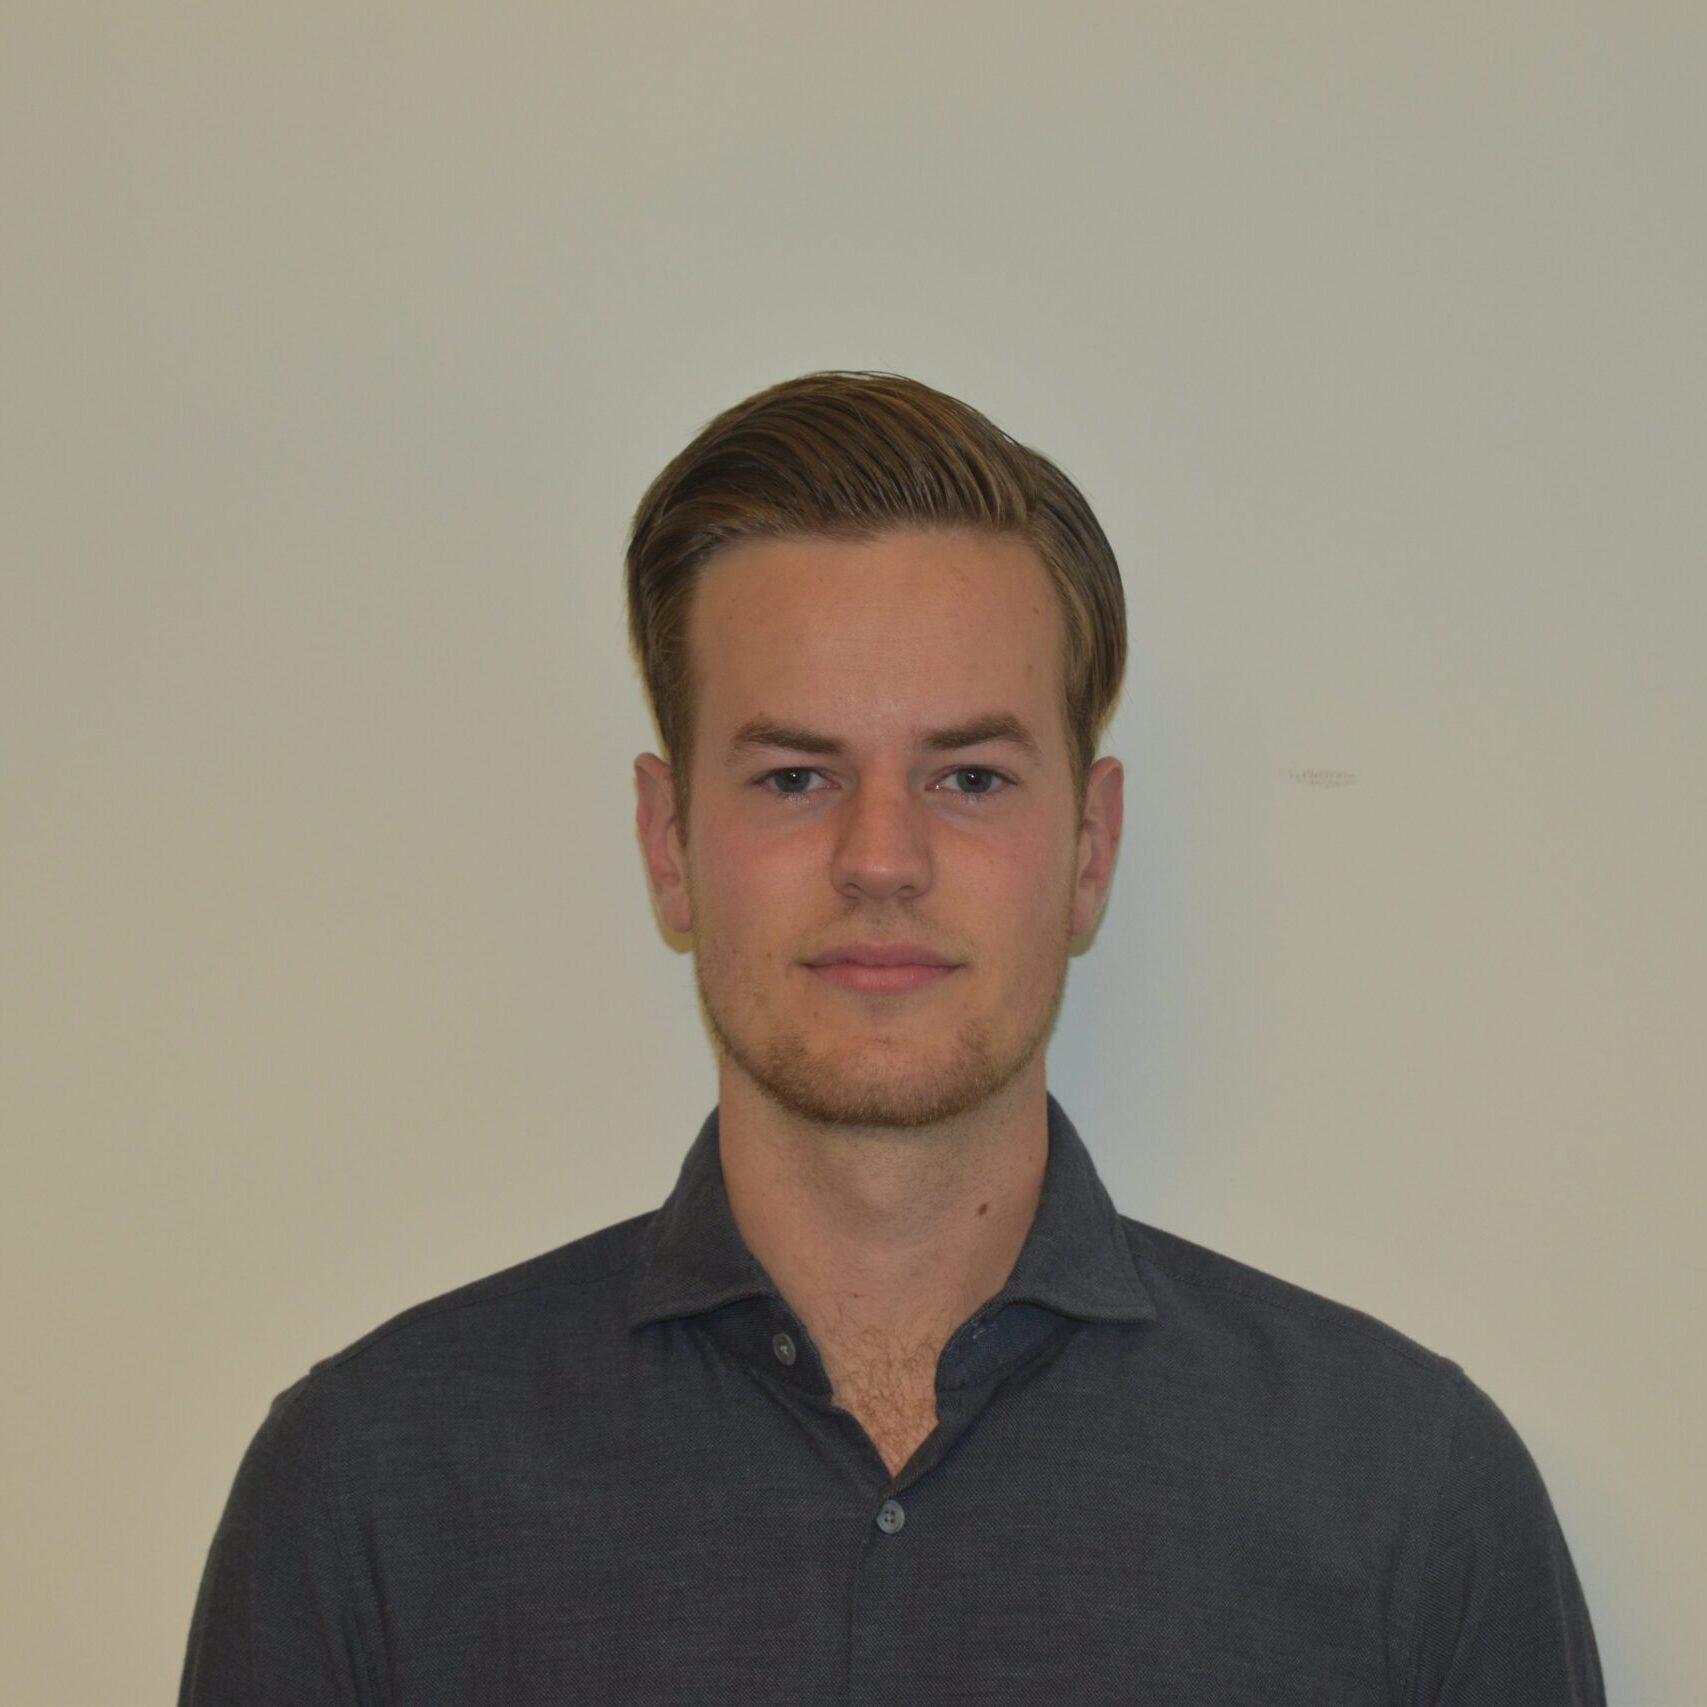 Martijn Mensink, Huisarts in Opleiding